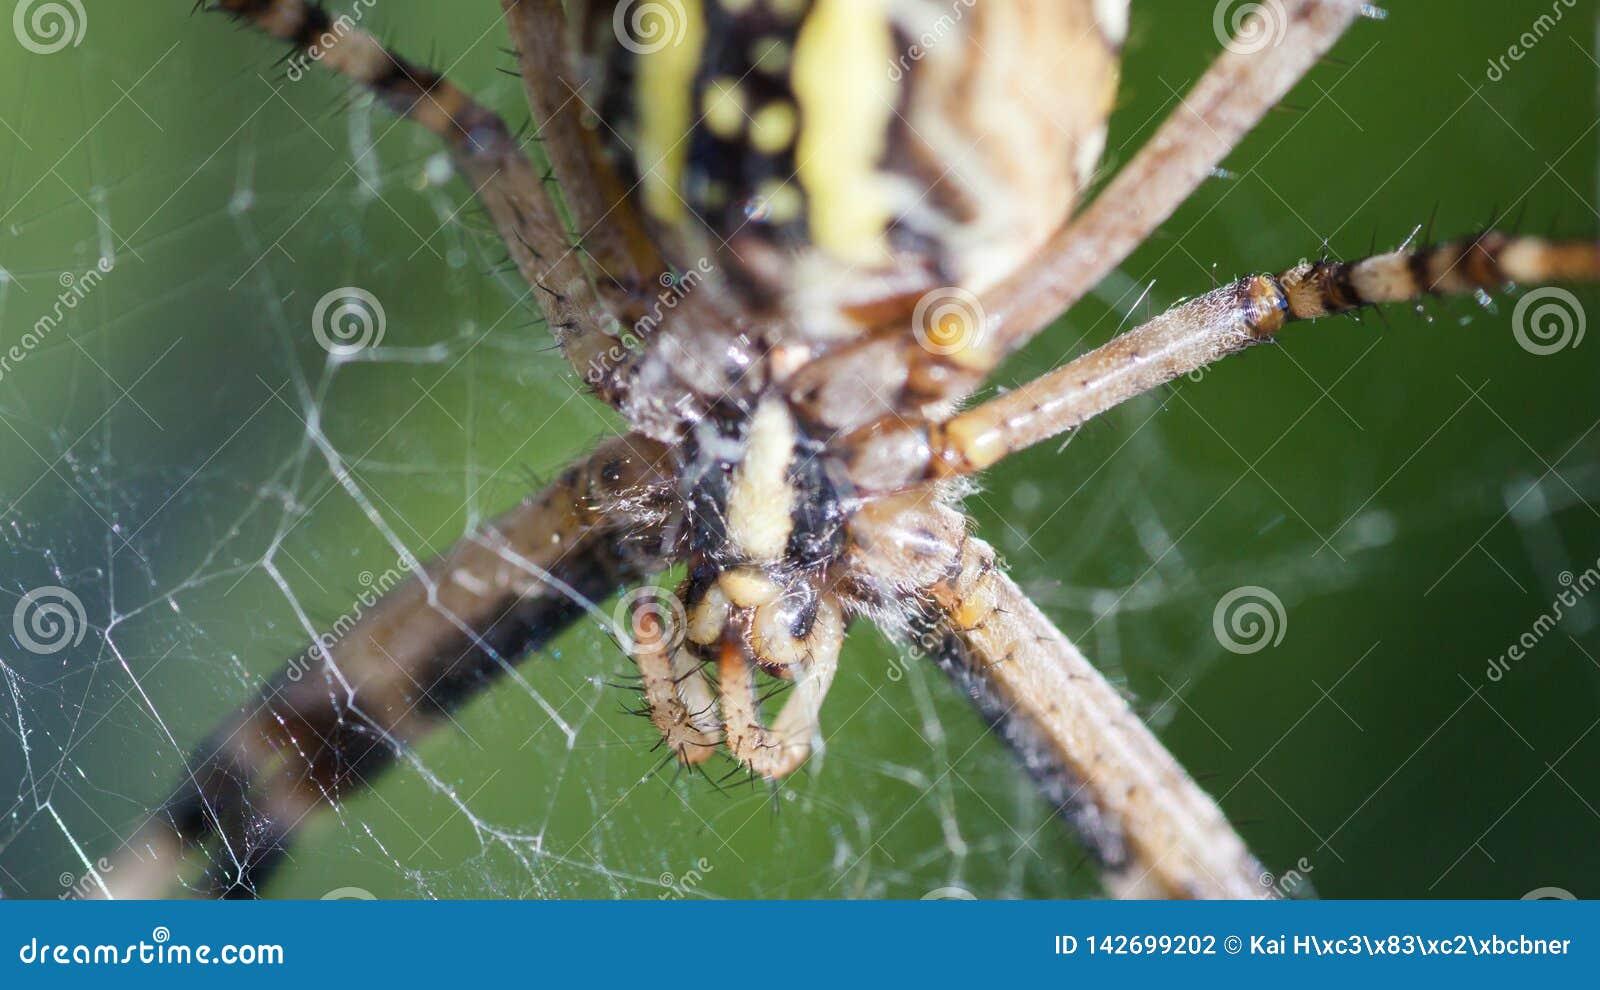 Argiope Bruennichi oder die Wespespinne, Nahaufnahme in Netzwartenahrung